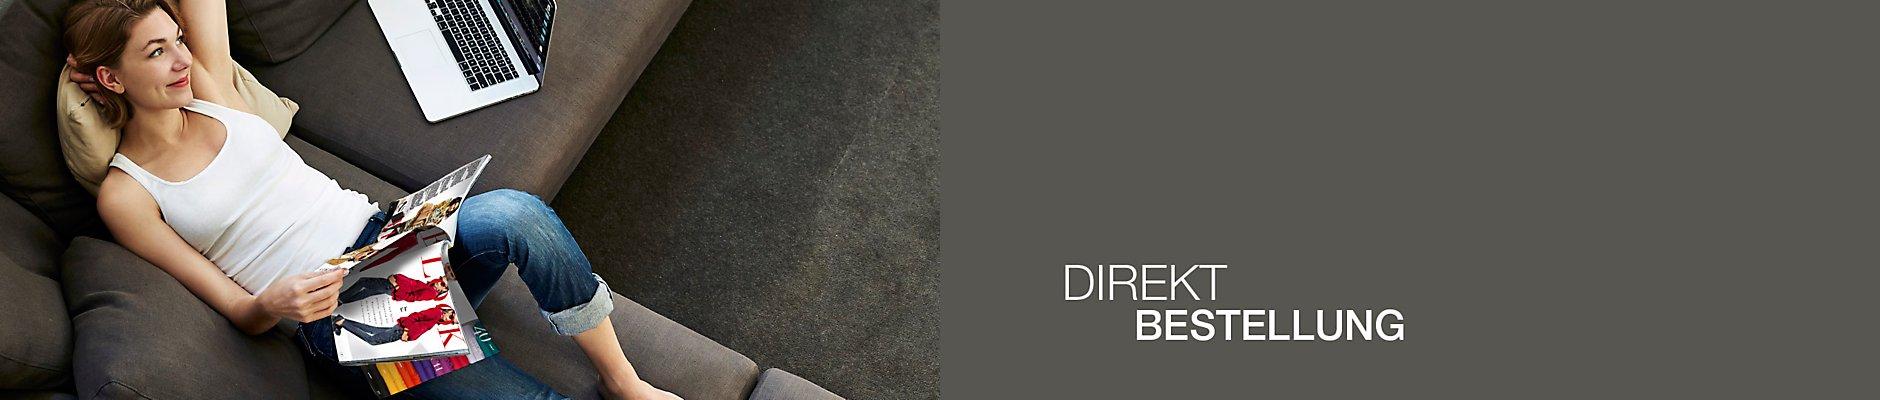 20180706_Bezahlen_direktbestellg_d.jpg